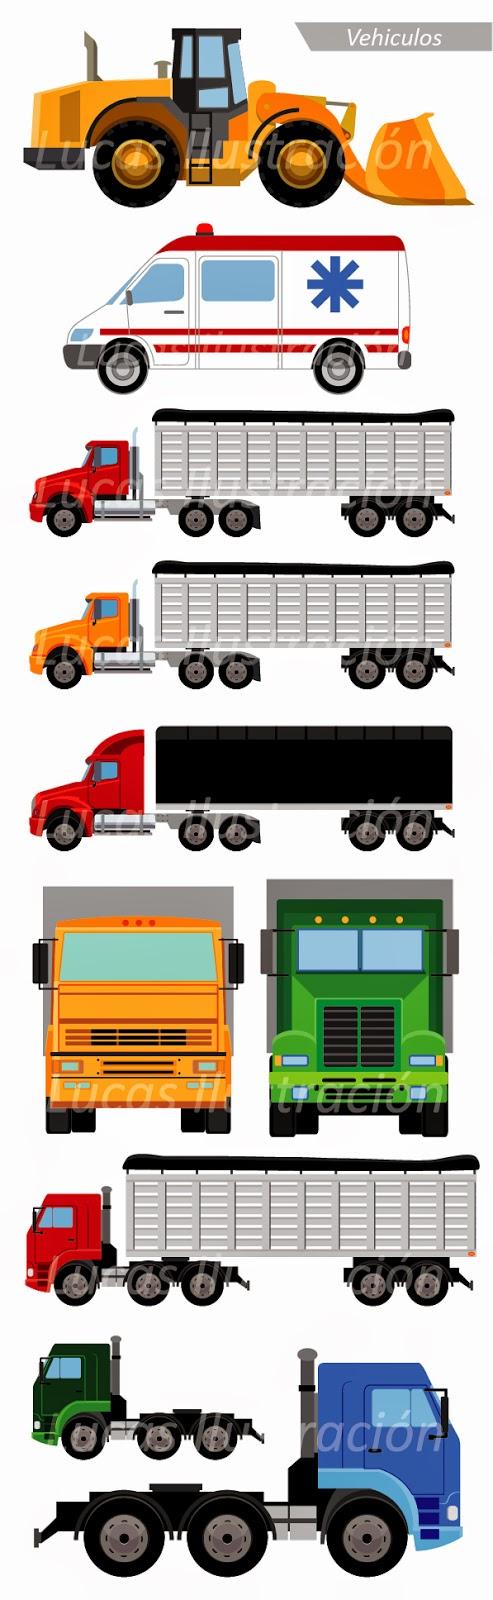 Camión camiones tractomulas ambulancia pala mecánica illustrator ilustración vector